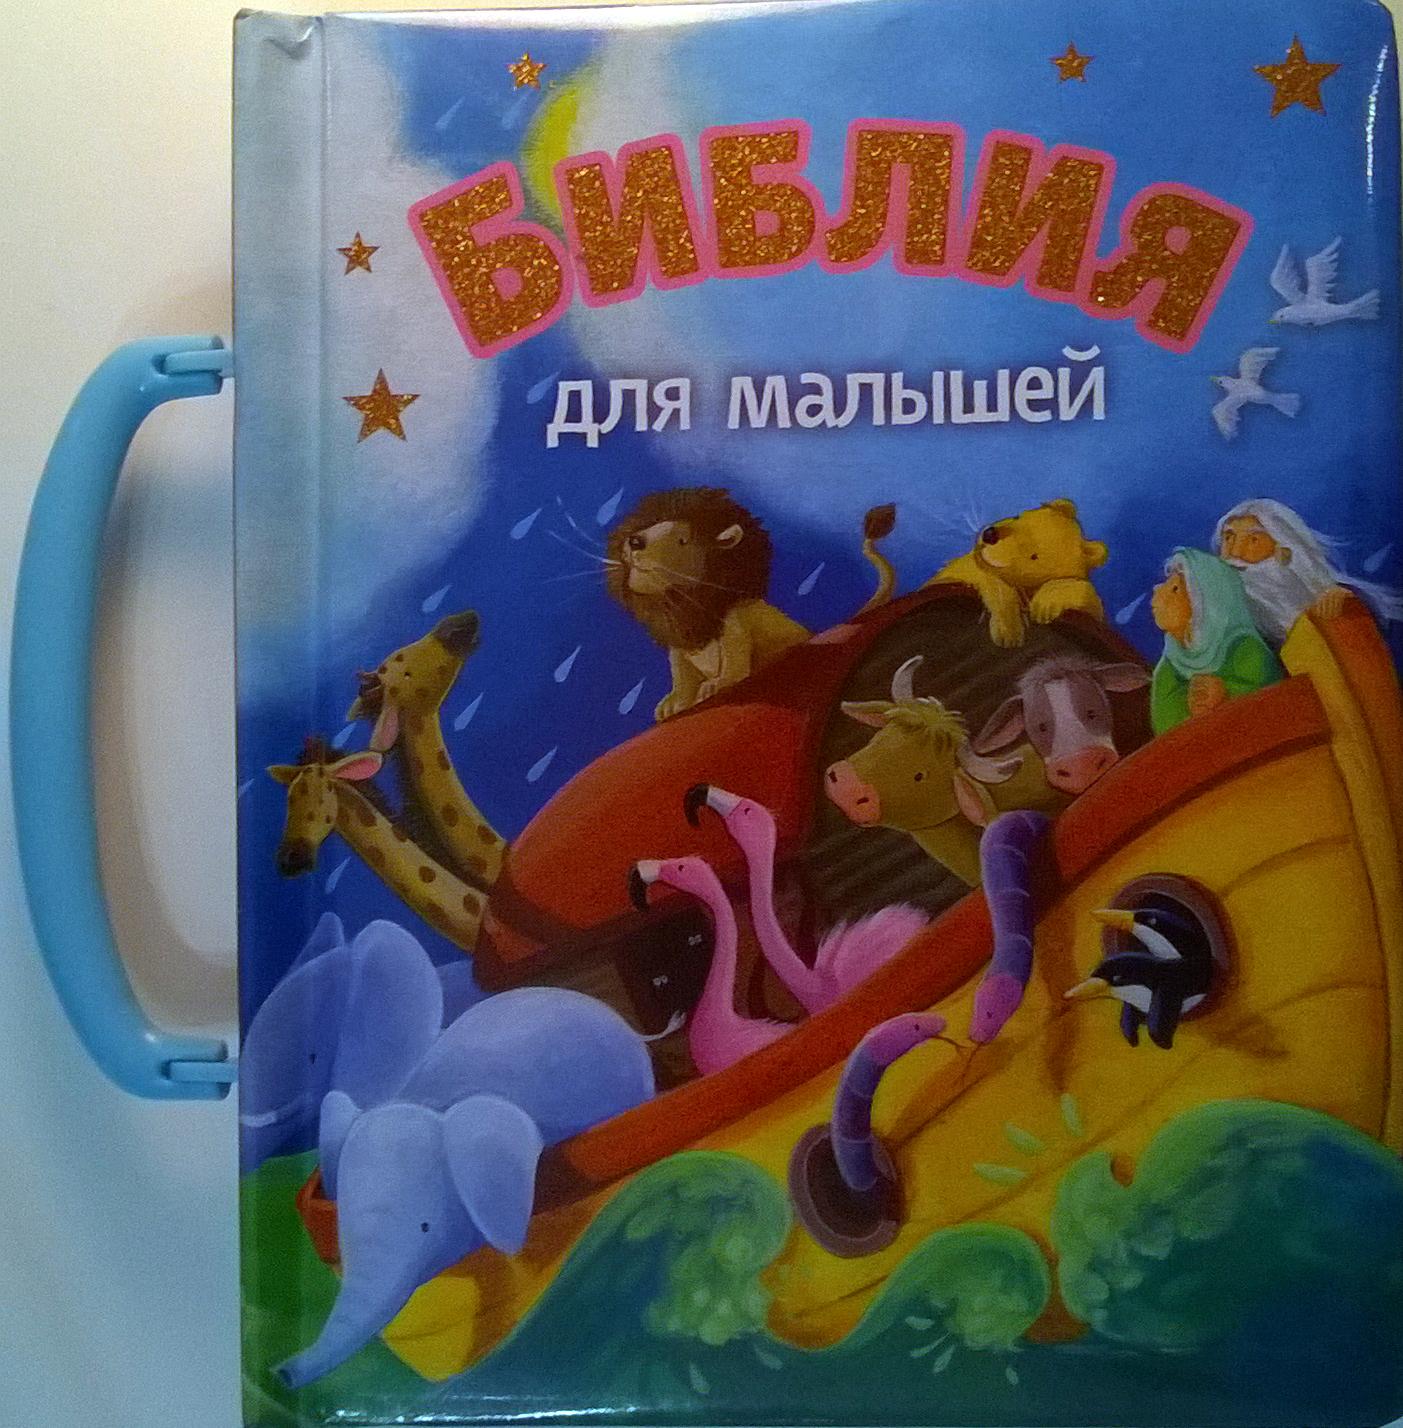 Библия для малышей (3029)